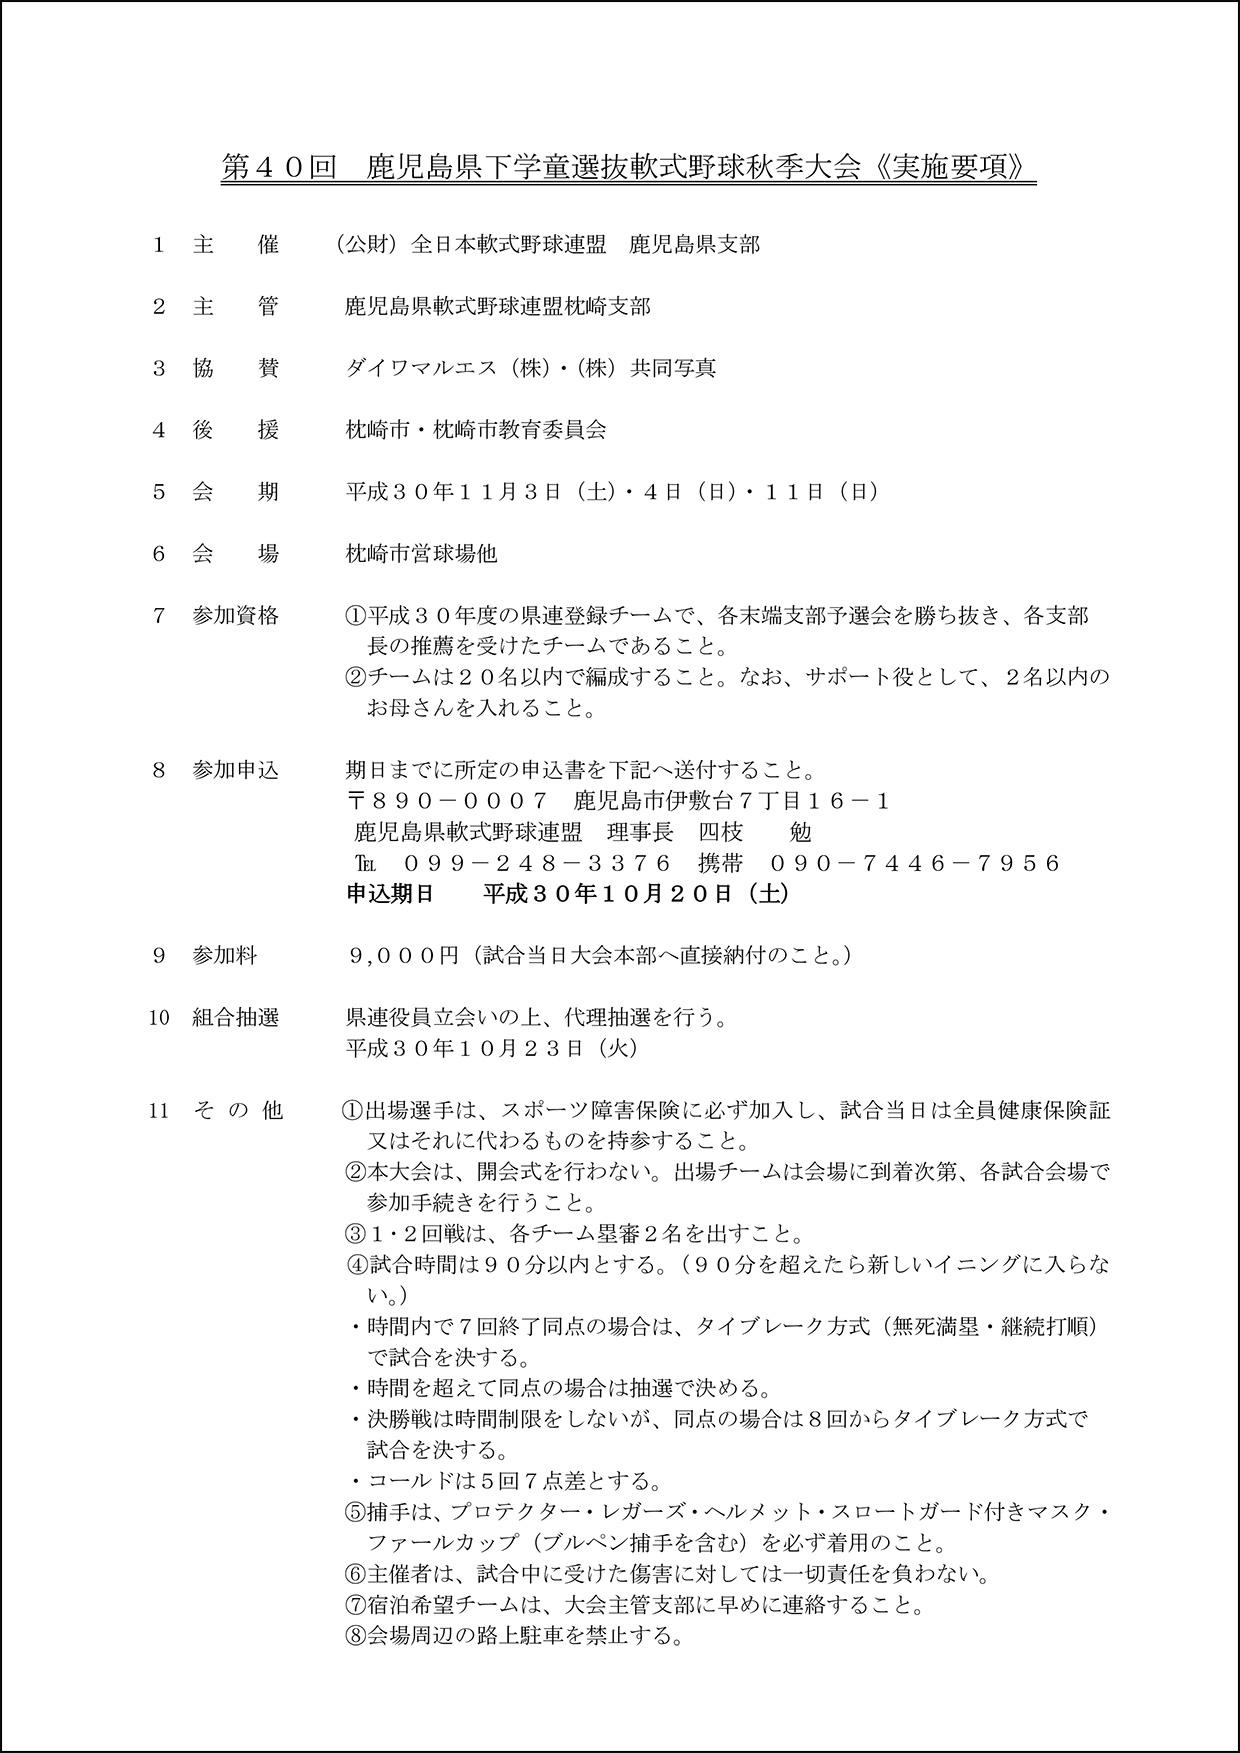 【変更】県下学童選抜軟式野球秋季大会実施要項